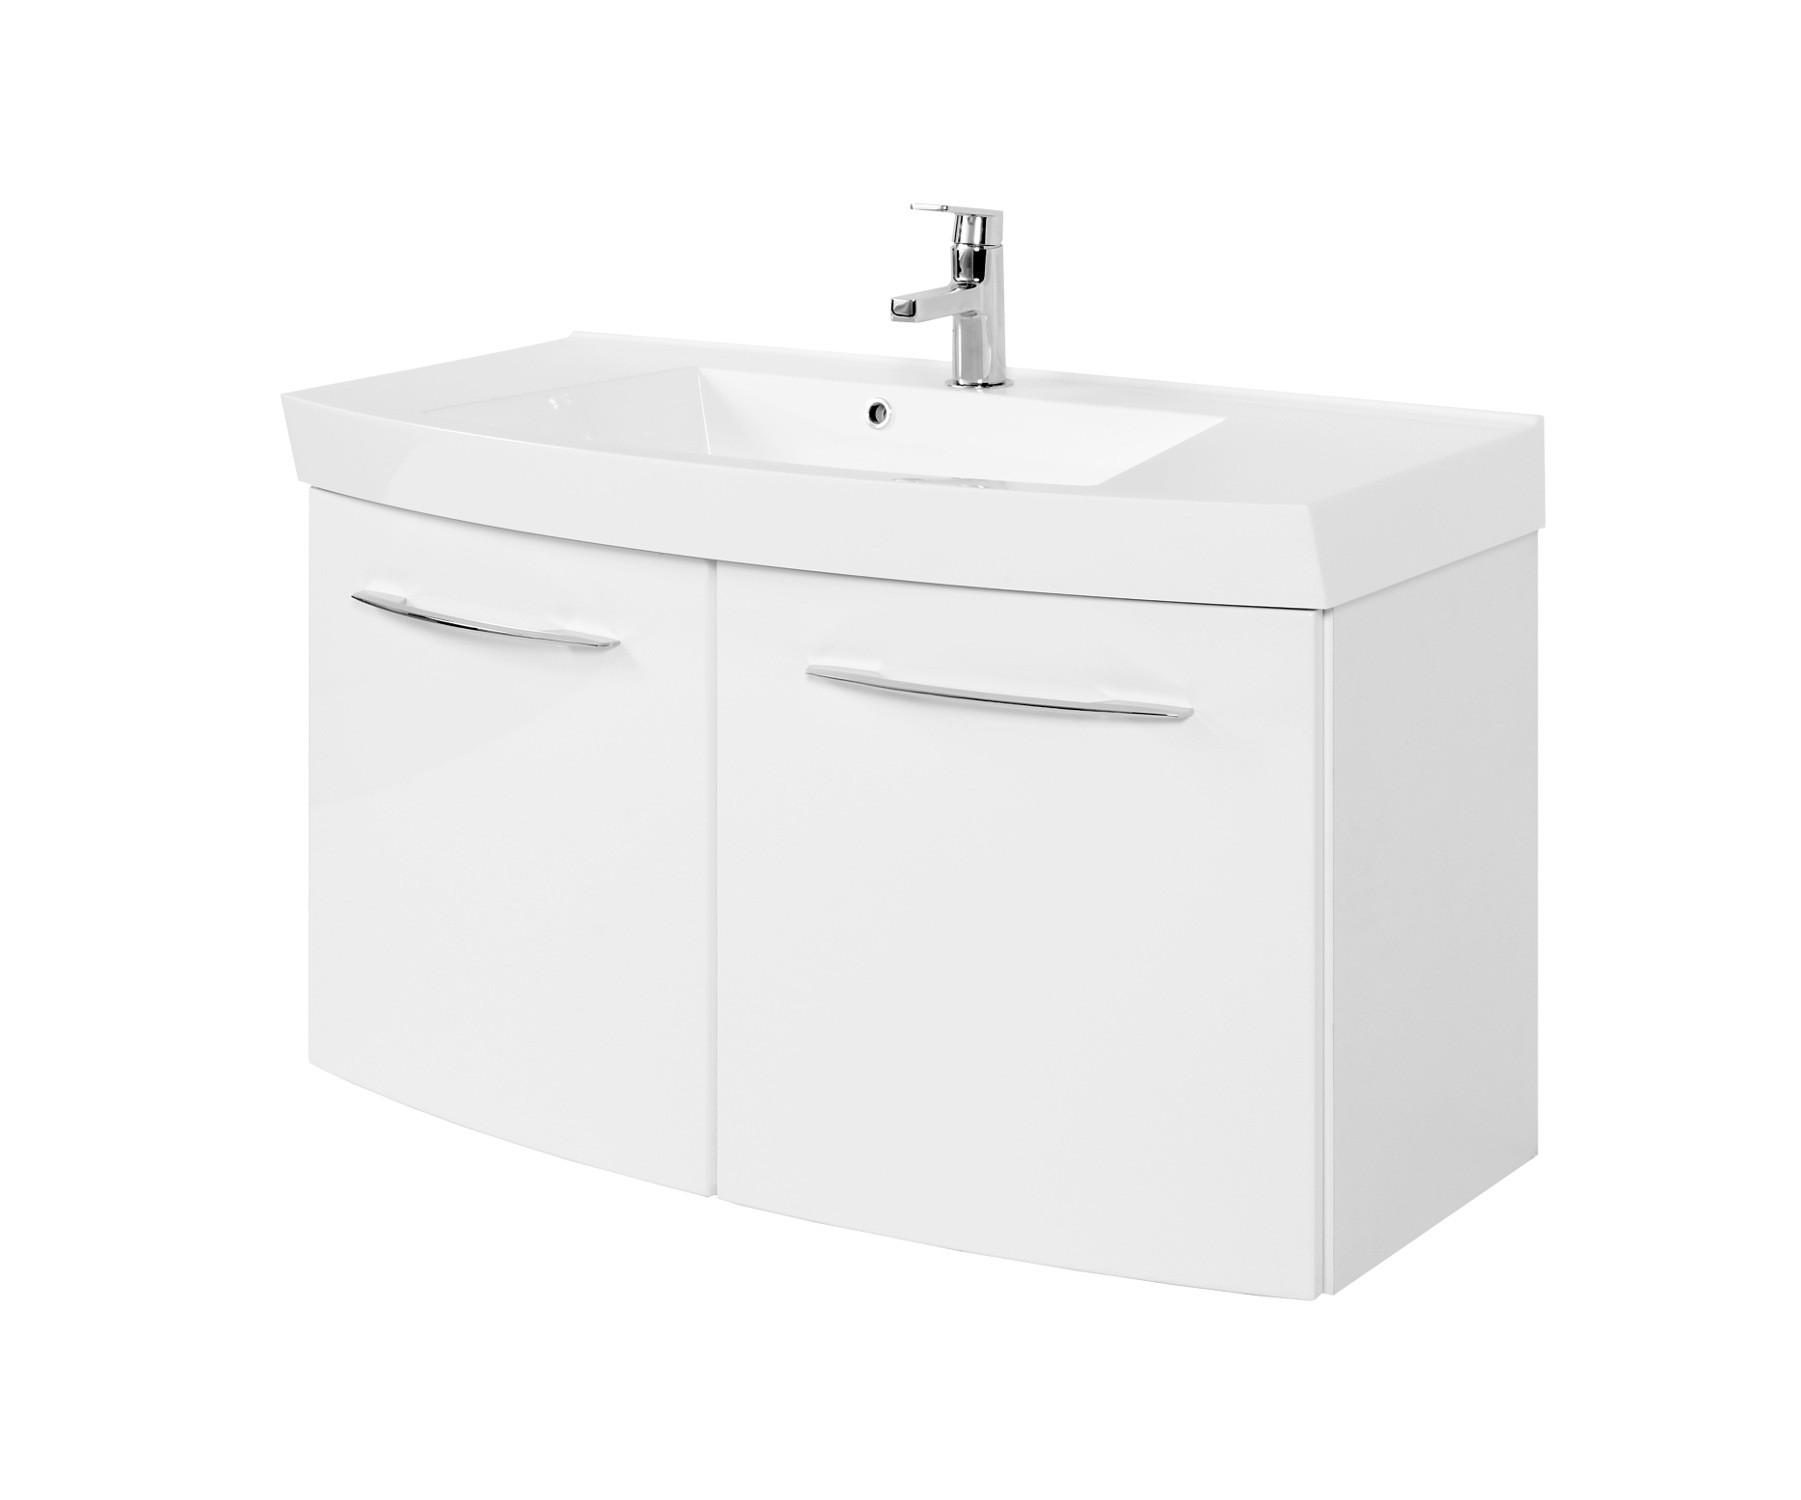 Schön Bad-Waschtisch FLORIDA - 2 Türen - 100 cm breit - Hochglanz Weiß  JD98